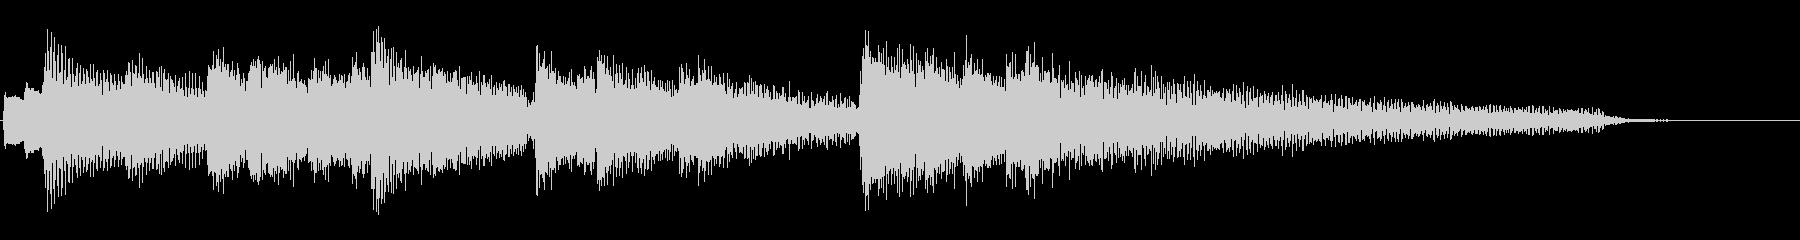 ピアノ アルペジオ ジングル 素材 短めの未再生の波形